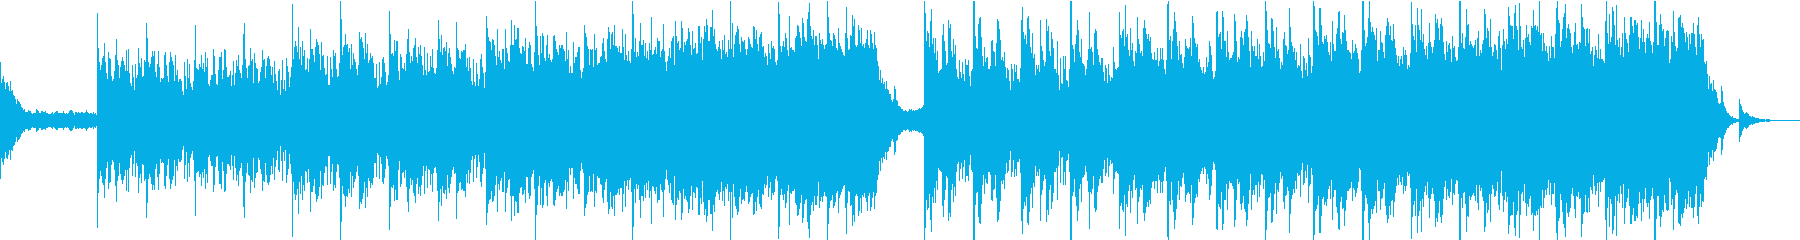 クラシック 交響曲 アンビエント ...の再生済みの波形